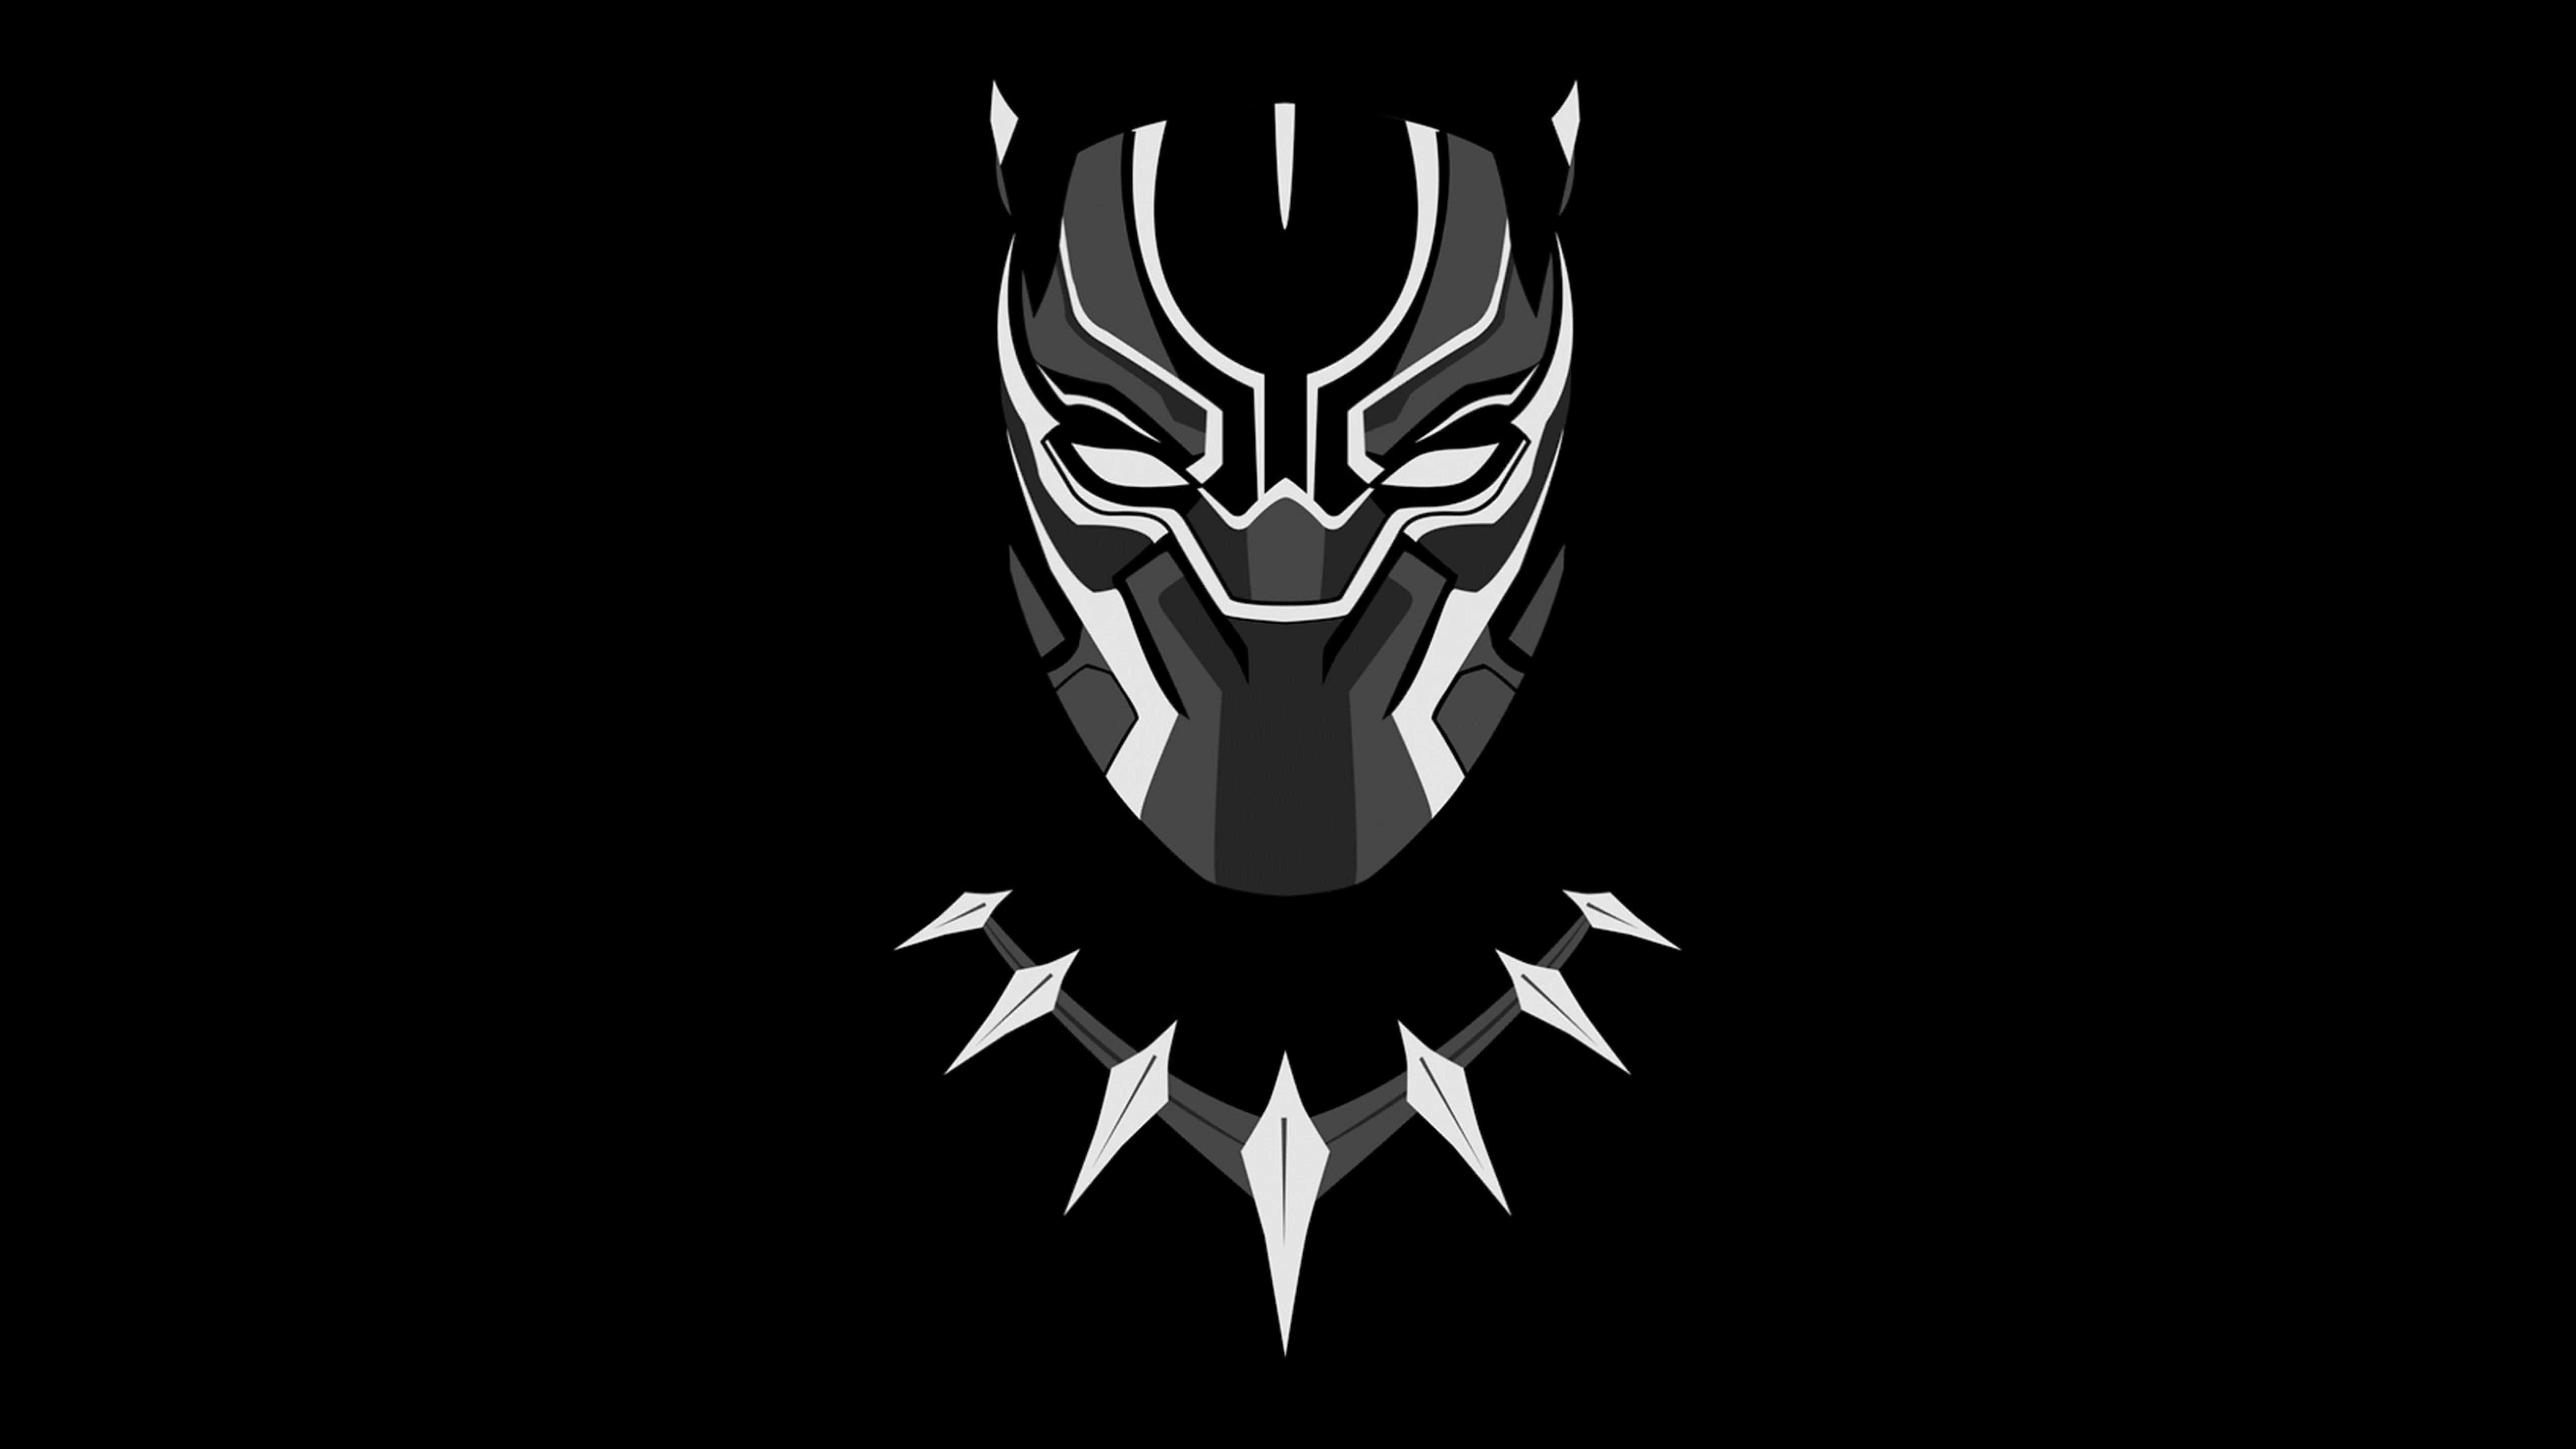 7680x4320 Black Panther Minimal Artwork 8k Wallpaper Hd